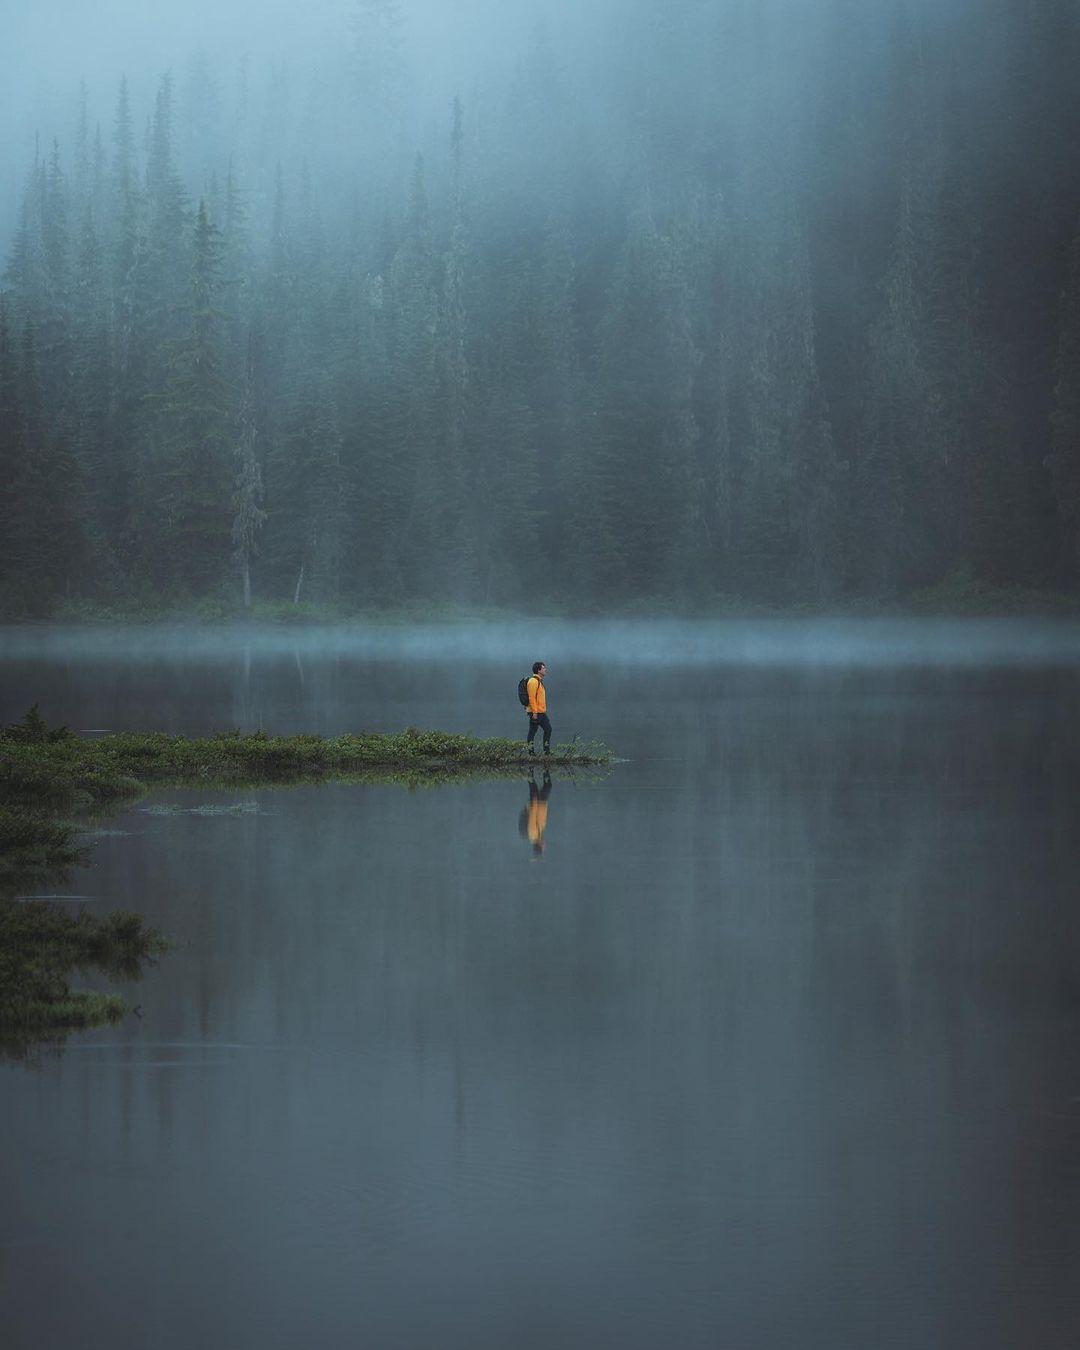 Захватывающие фото из путешествий Зака Николса